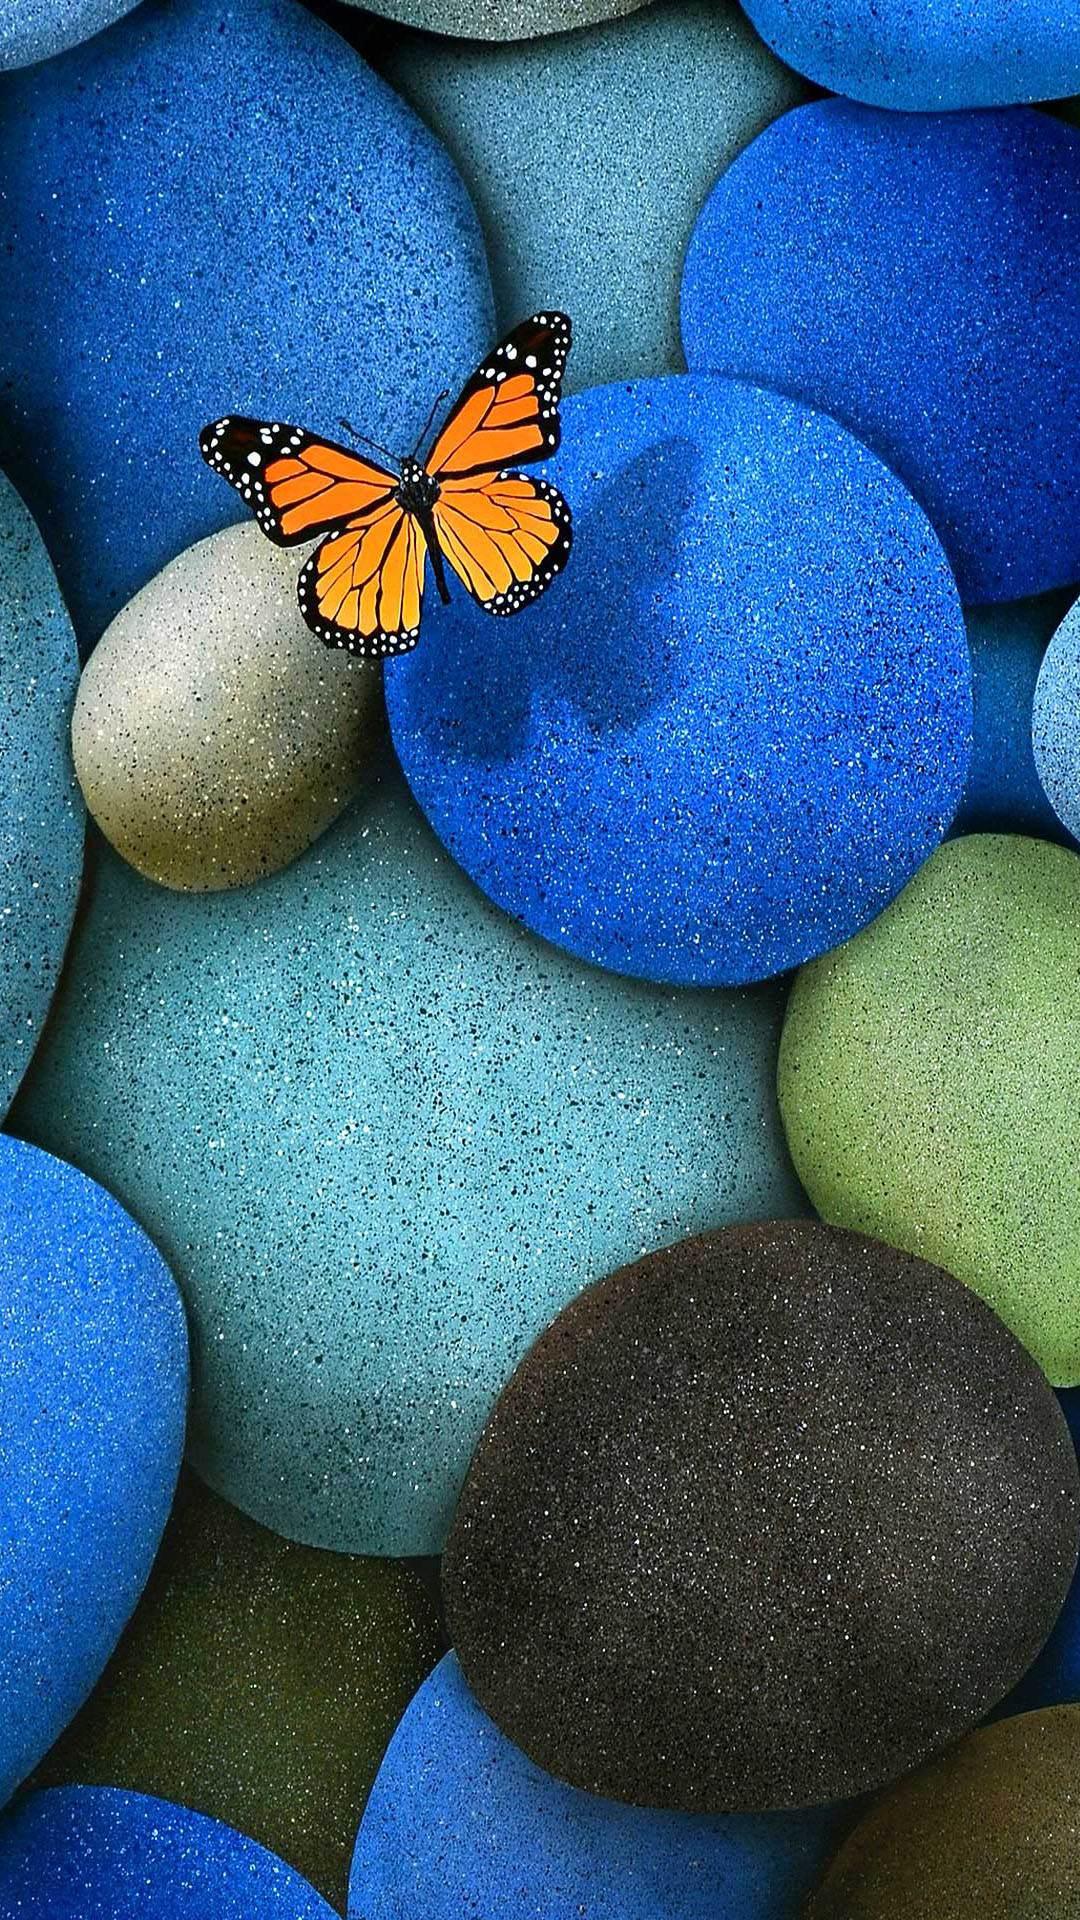 青い石と蝶 iPhone6 Plus 壁紙